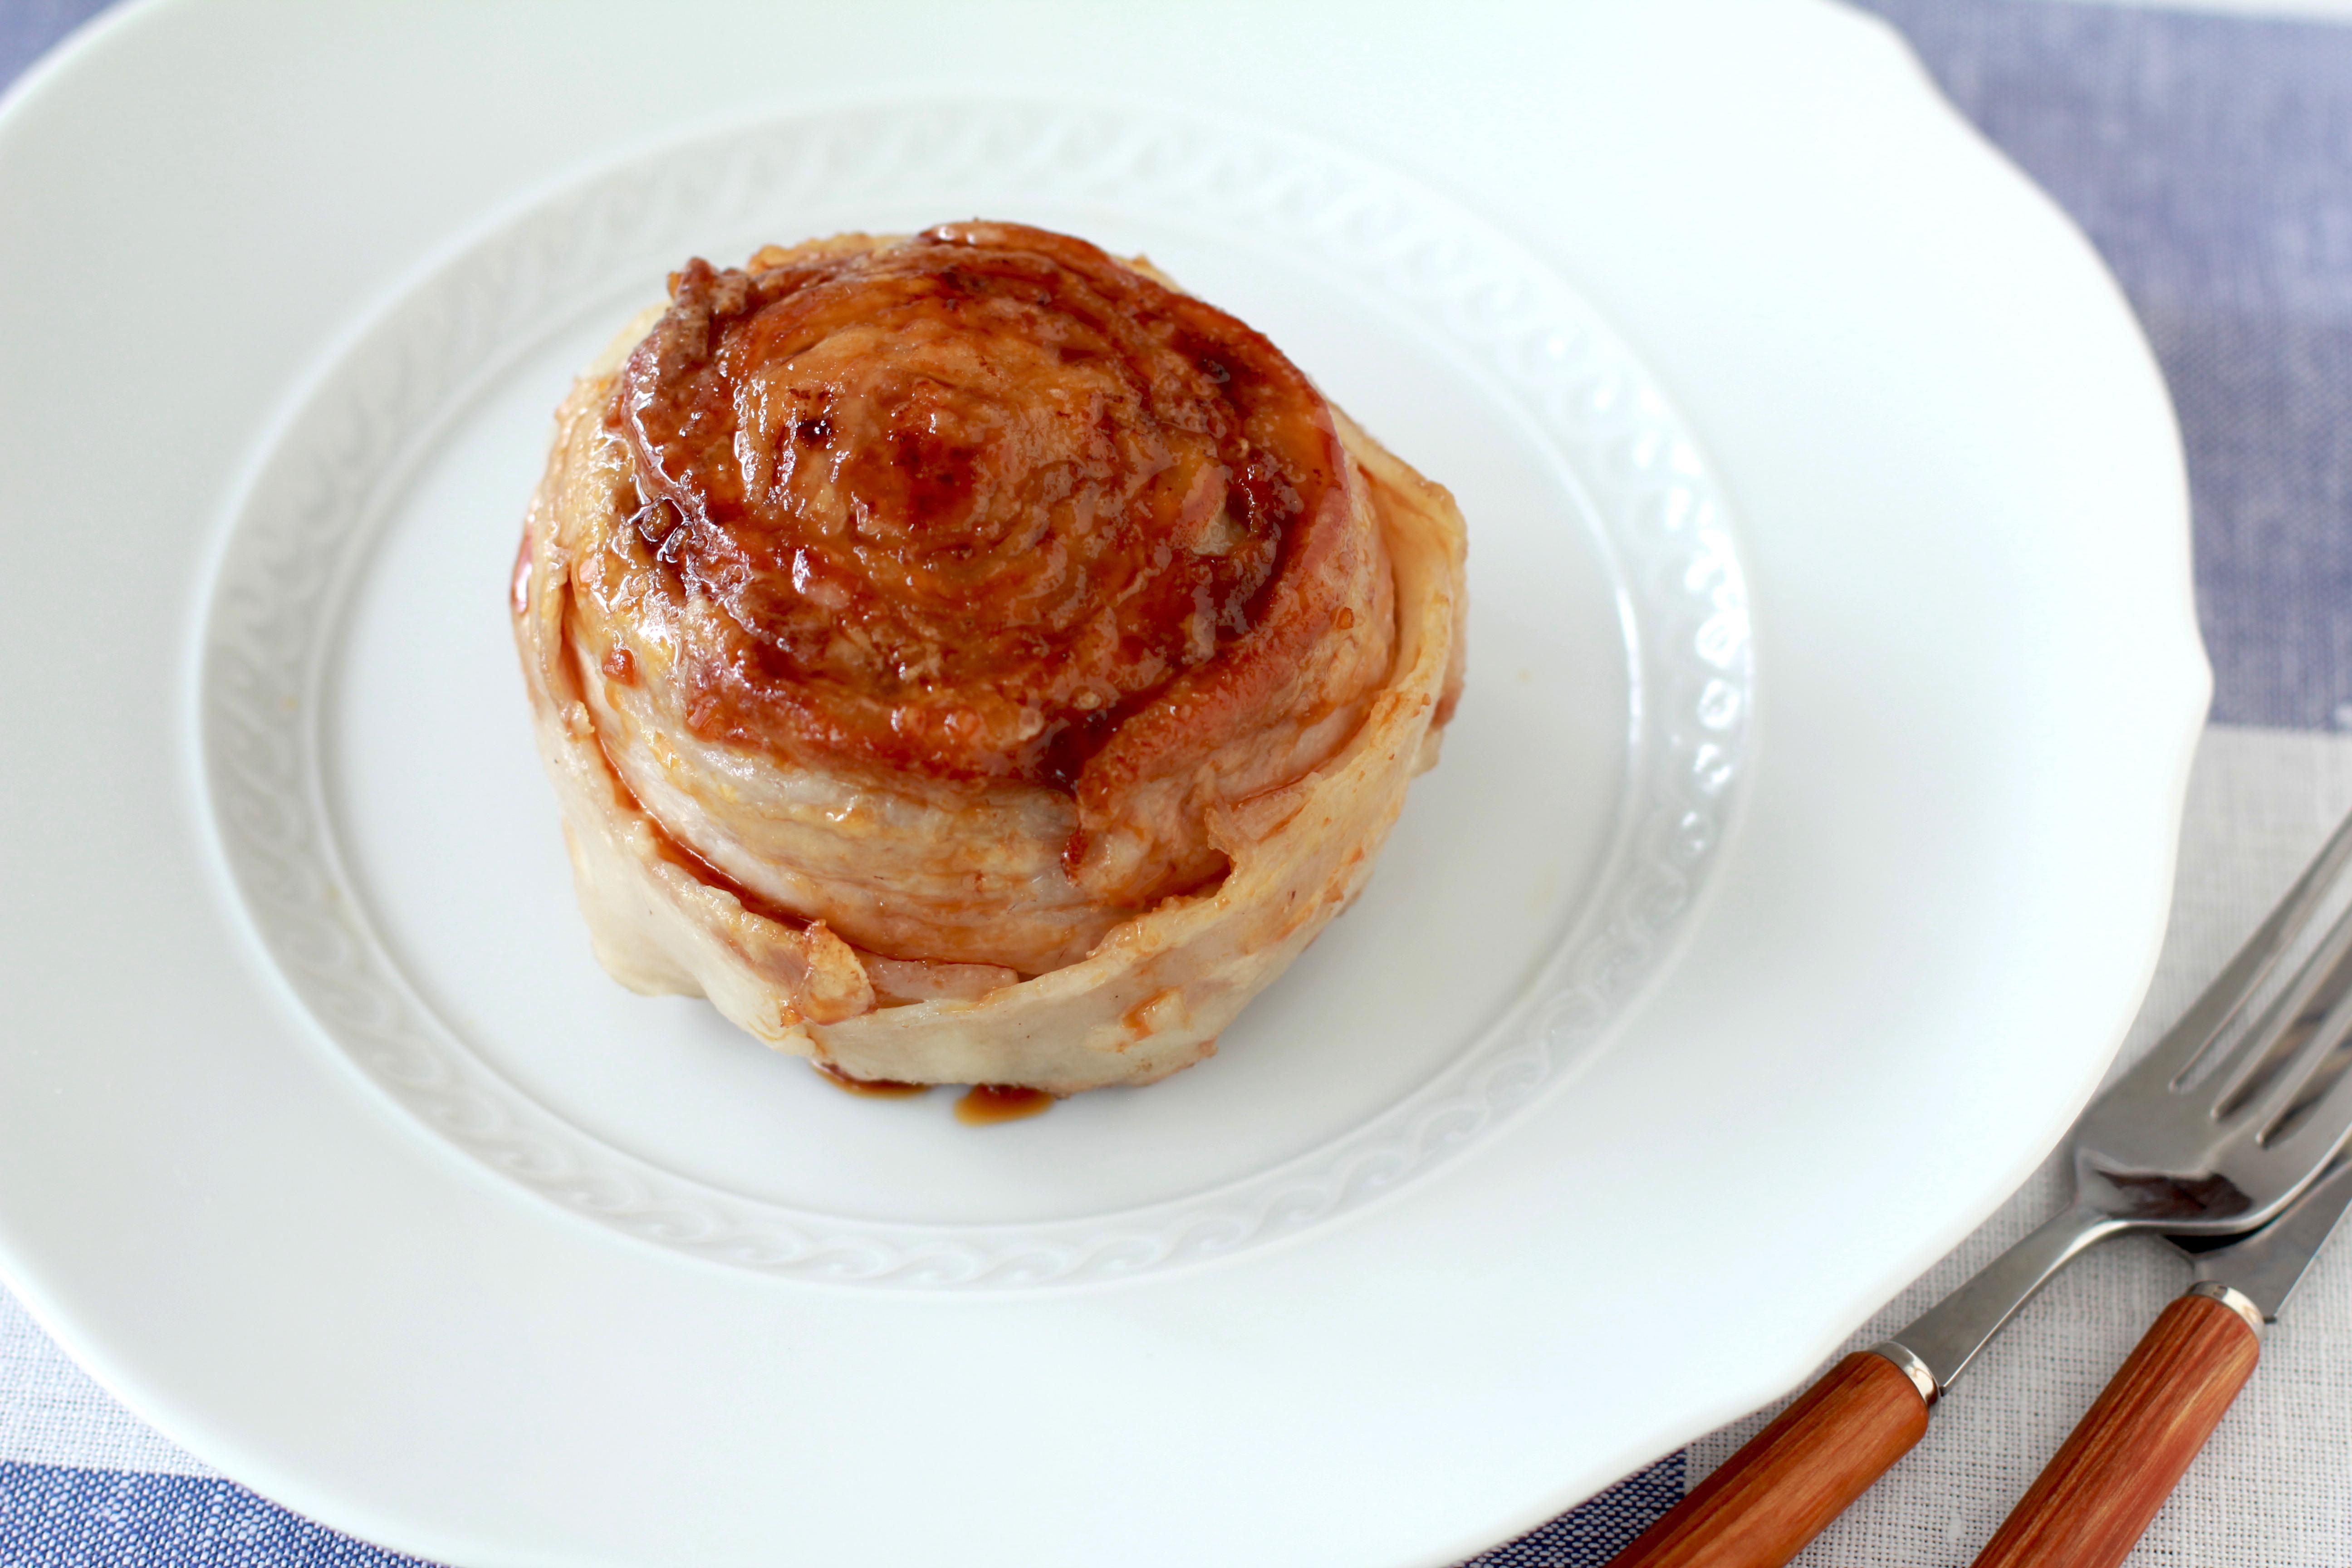 節約中もがっつり食べたい。そんなときは「豚バラのロールステーキ」を!